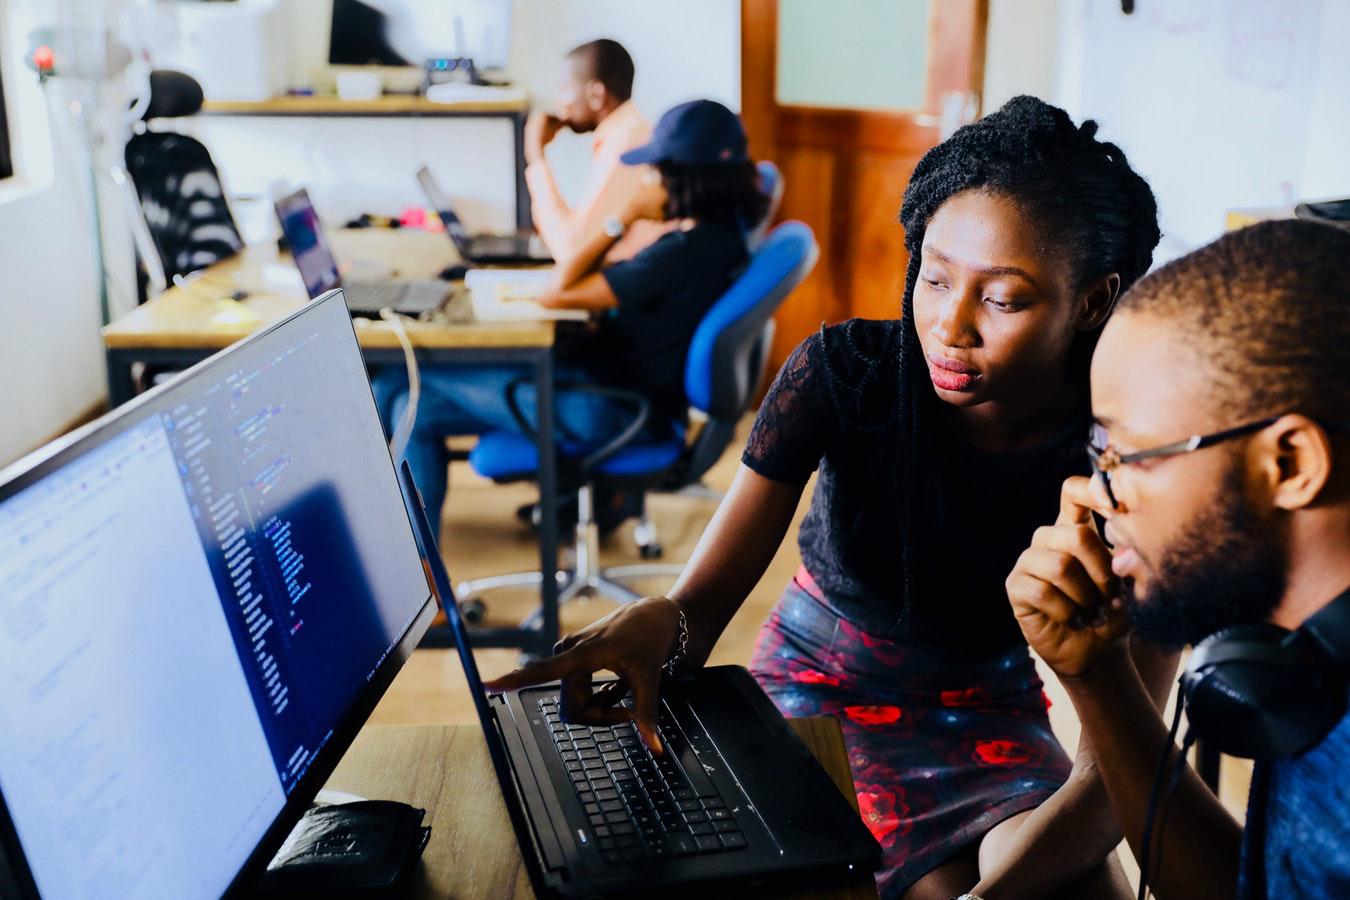 企业怎么样选择合适自己e-learning平台